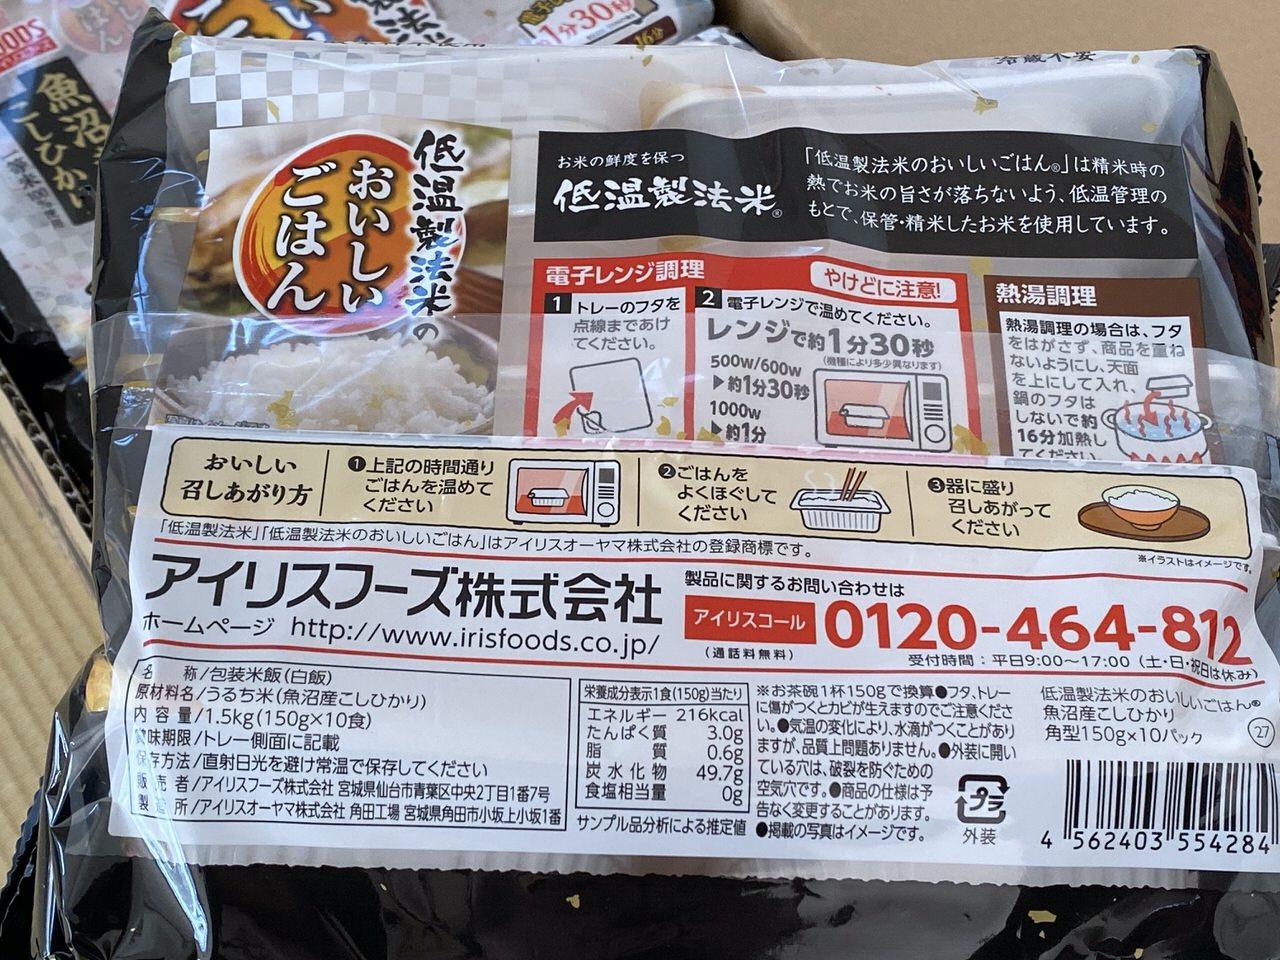 アイリスオーヤマ「低温製法米のおいしいごはん」5